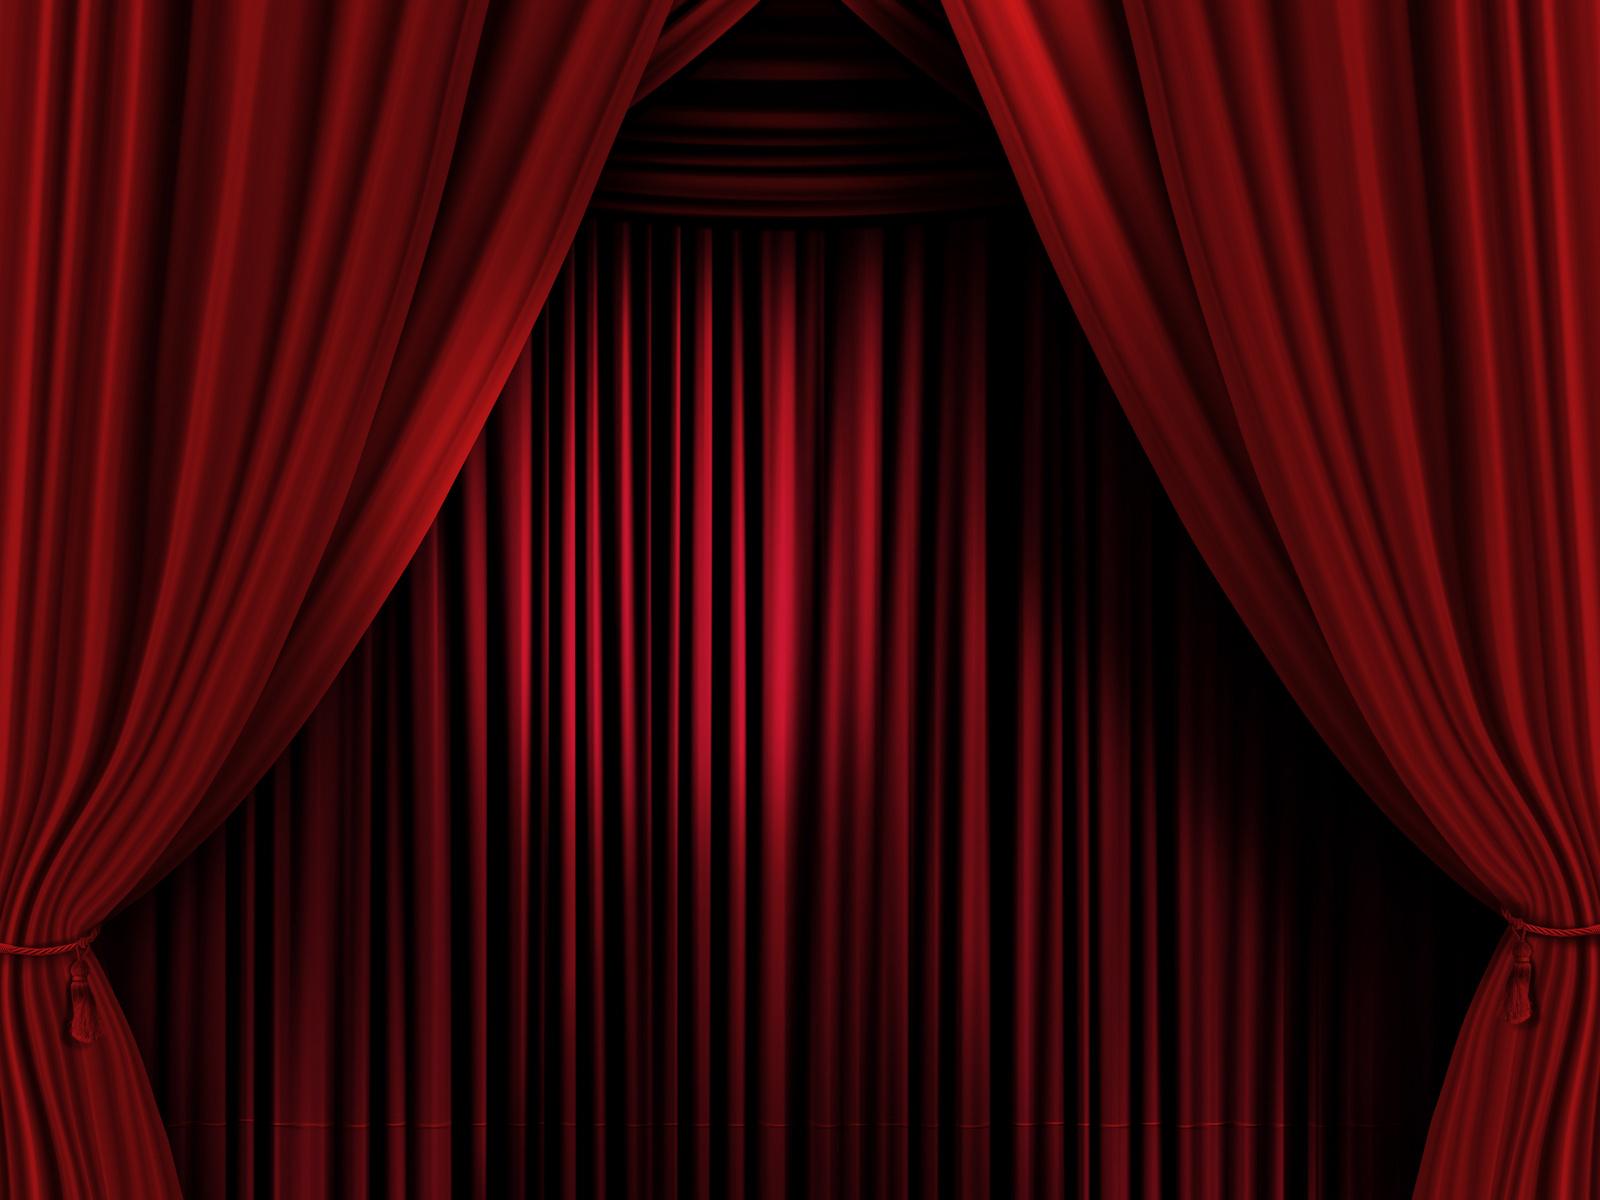 Rideaux rouges sc ne de th tre rideau sc ne spectacle newton lawrence - Location de rideaux de scene ...